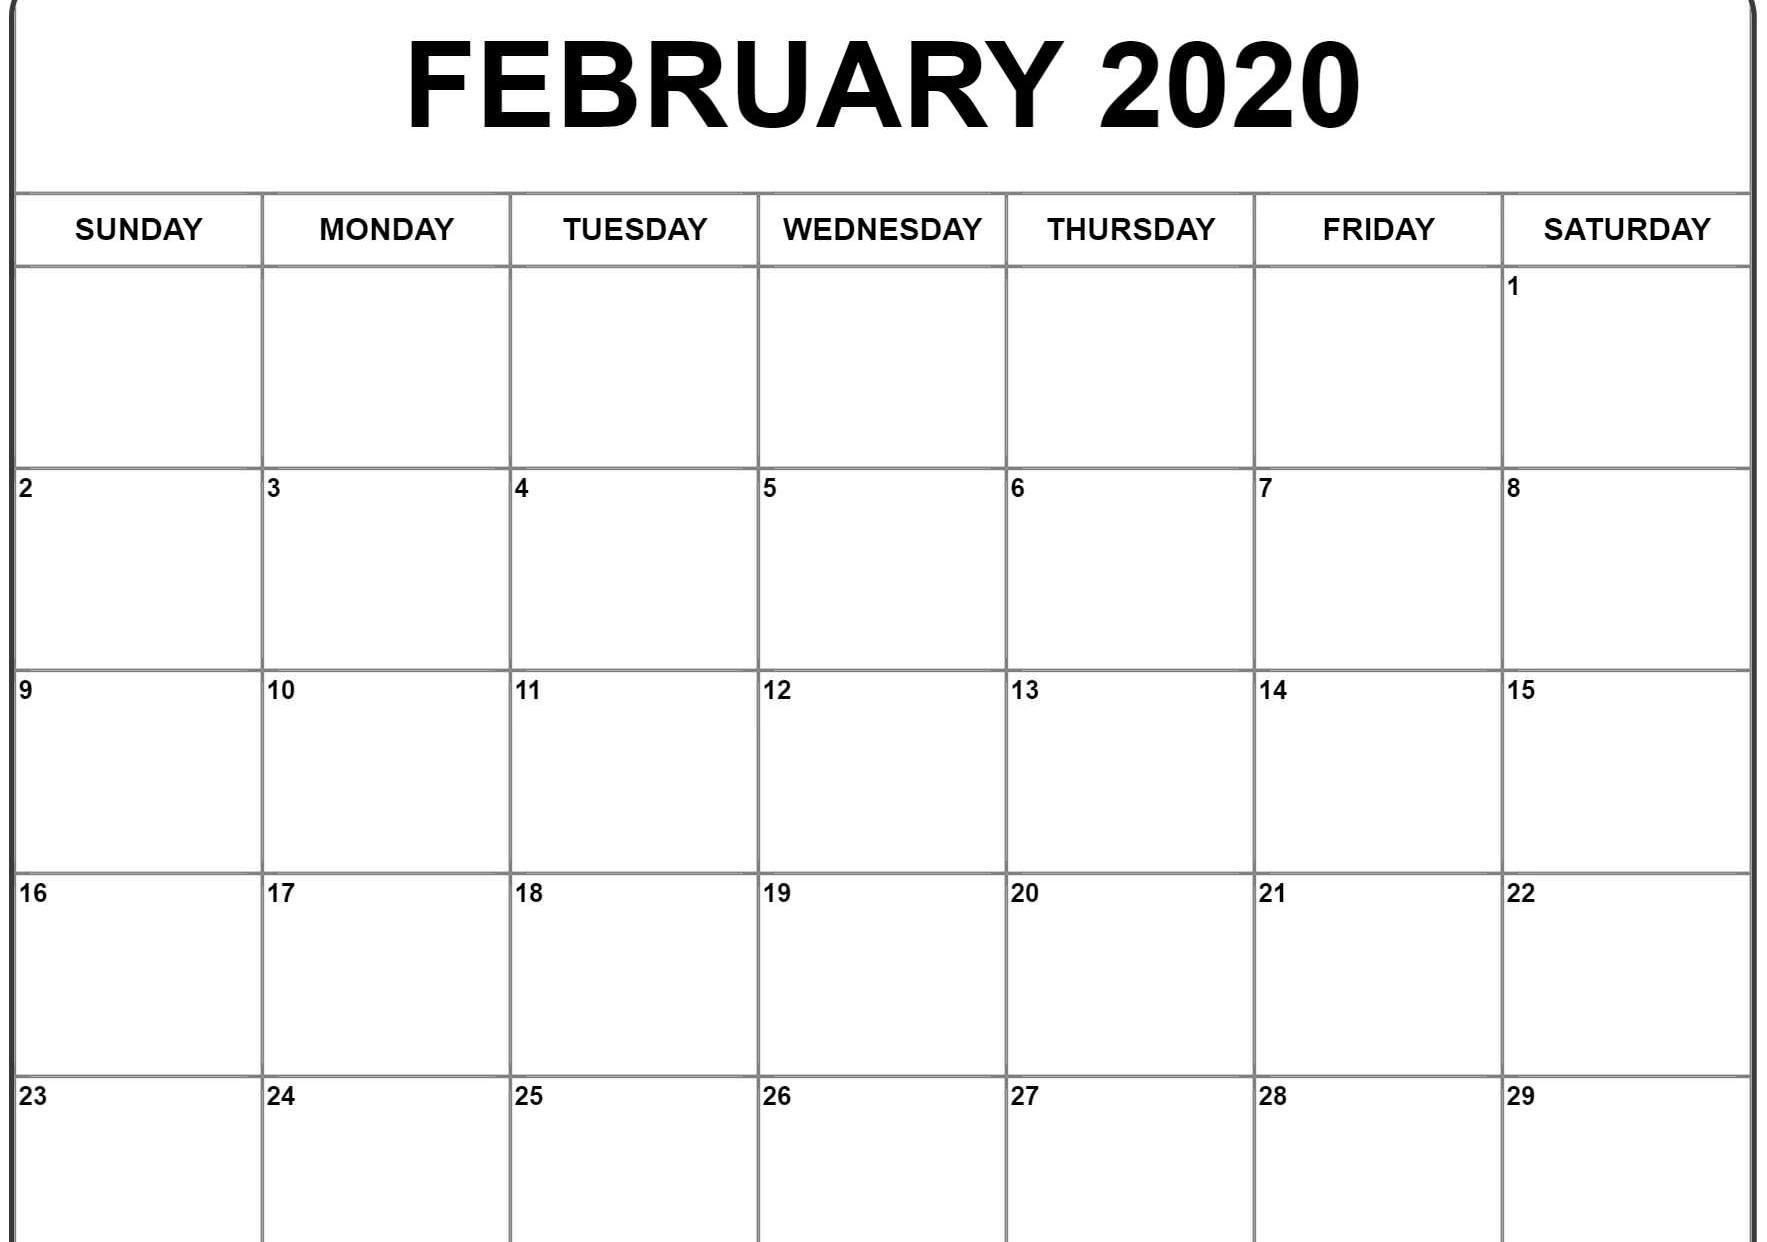 February 2020 Editable Calendar Printable